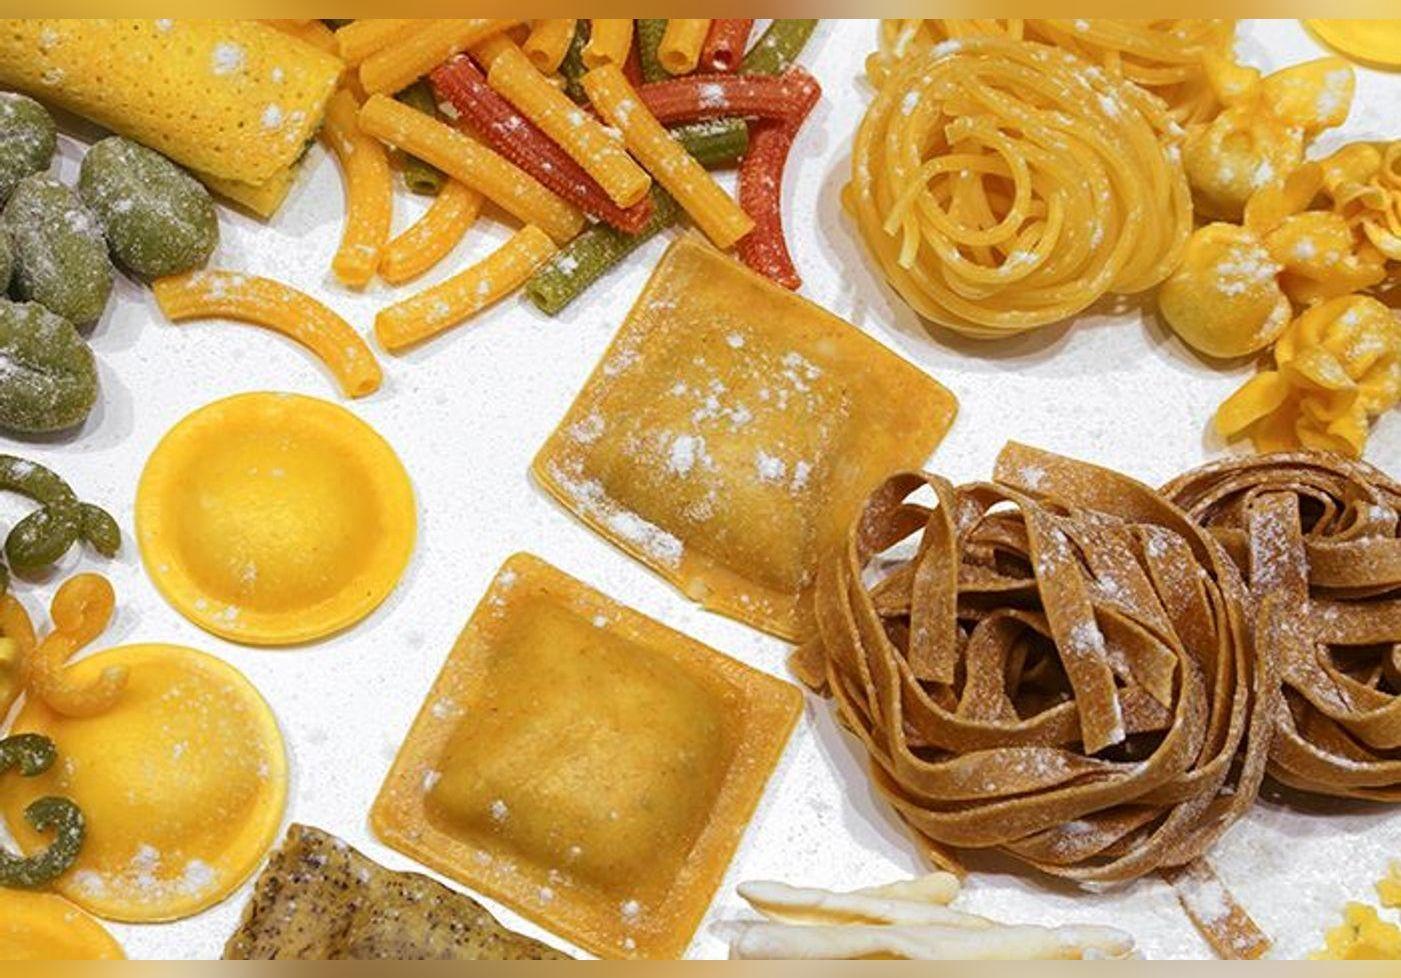 Julie Andrieu révèle la recette secrète de ces pâtes singulières et nous fait voyager en Italie